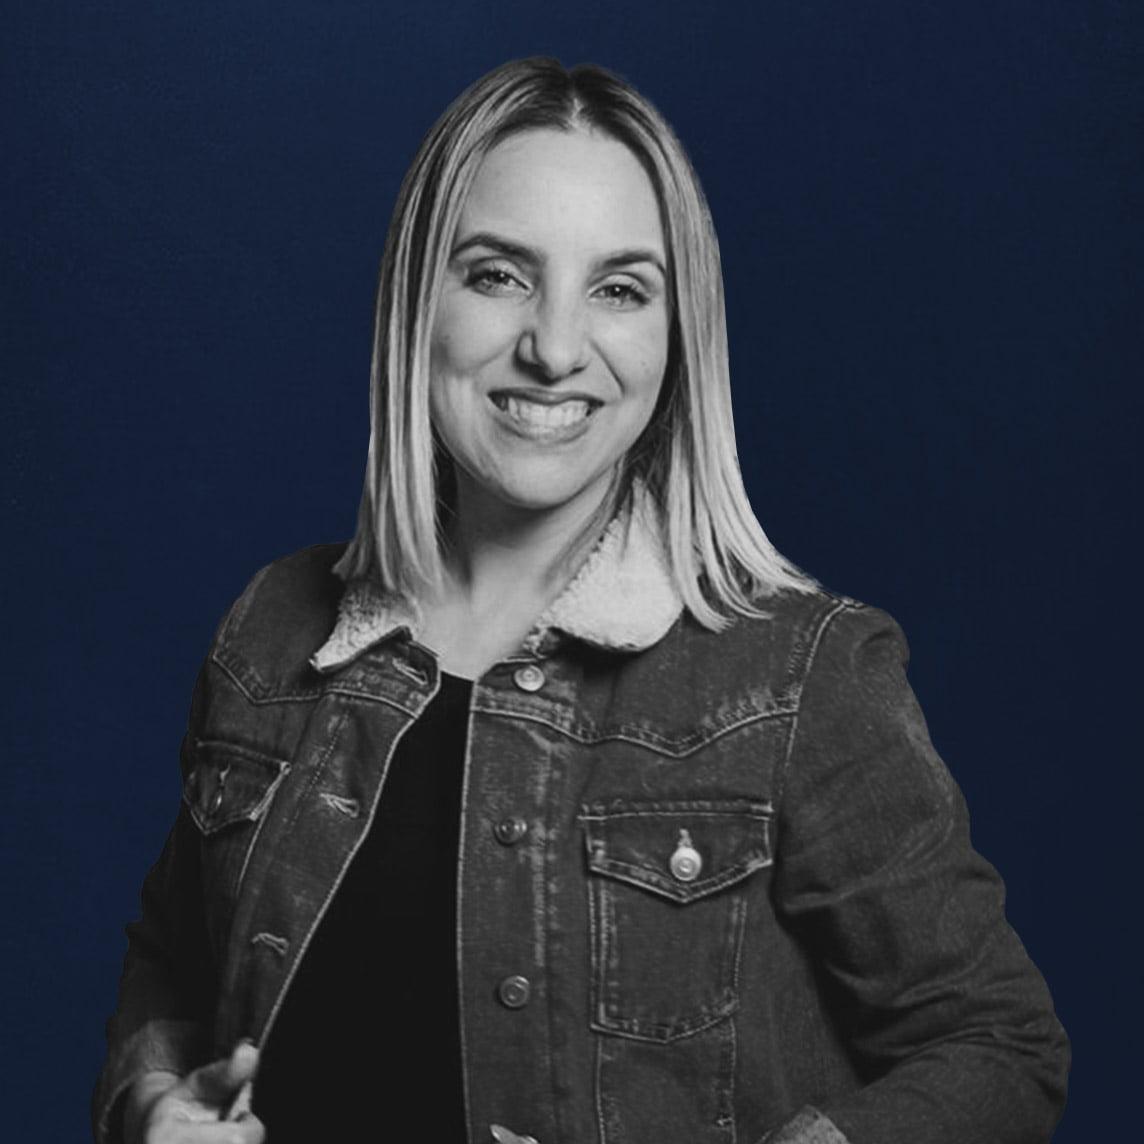 Fernanda Ferro